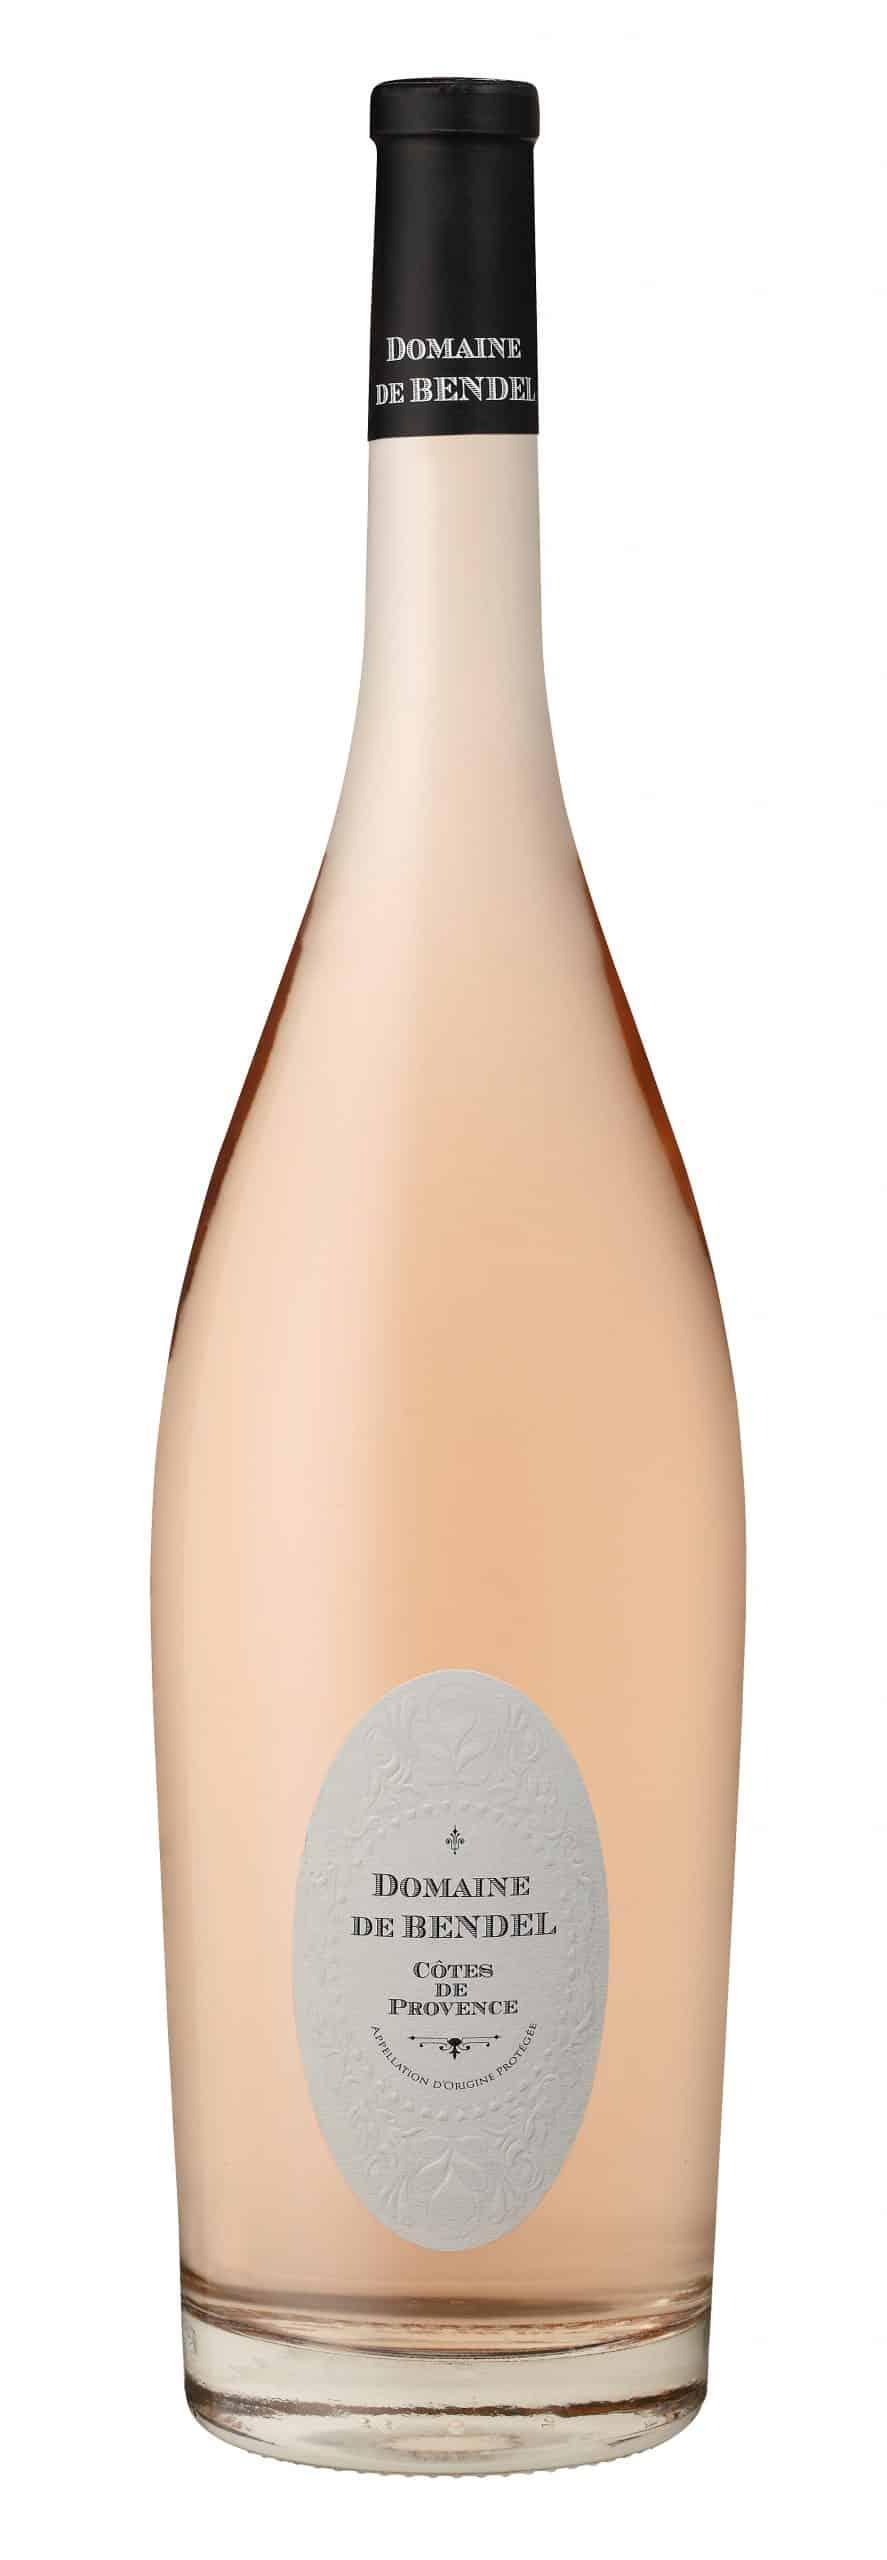 Domaine de Bendel – Côtes de Provence Rosé MG